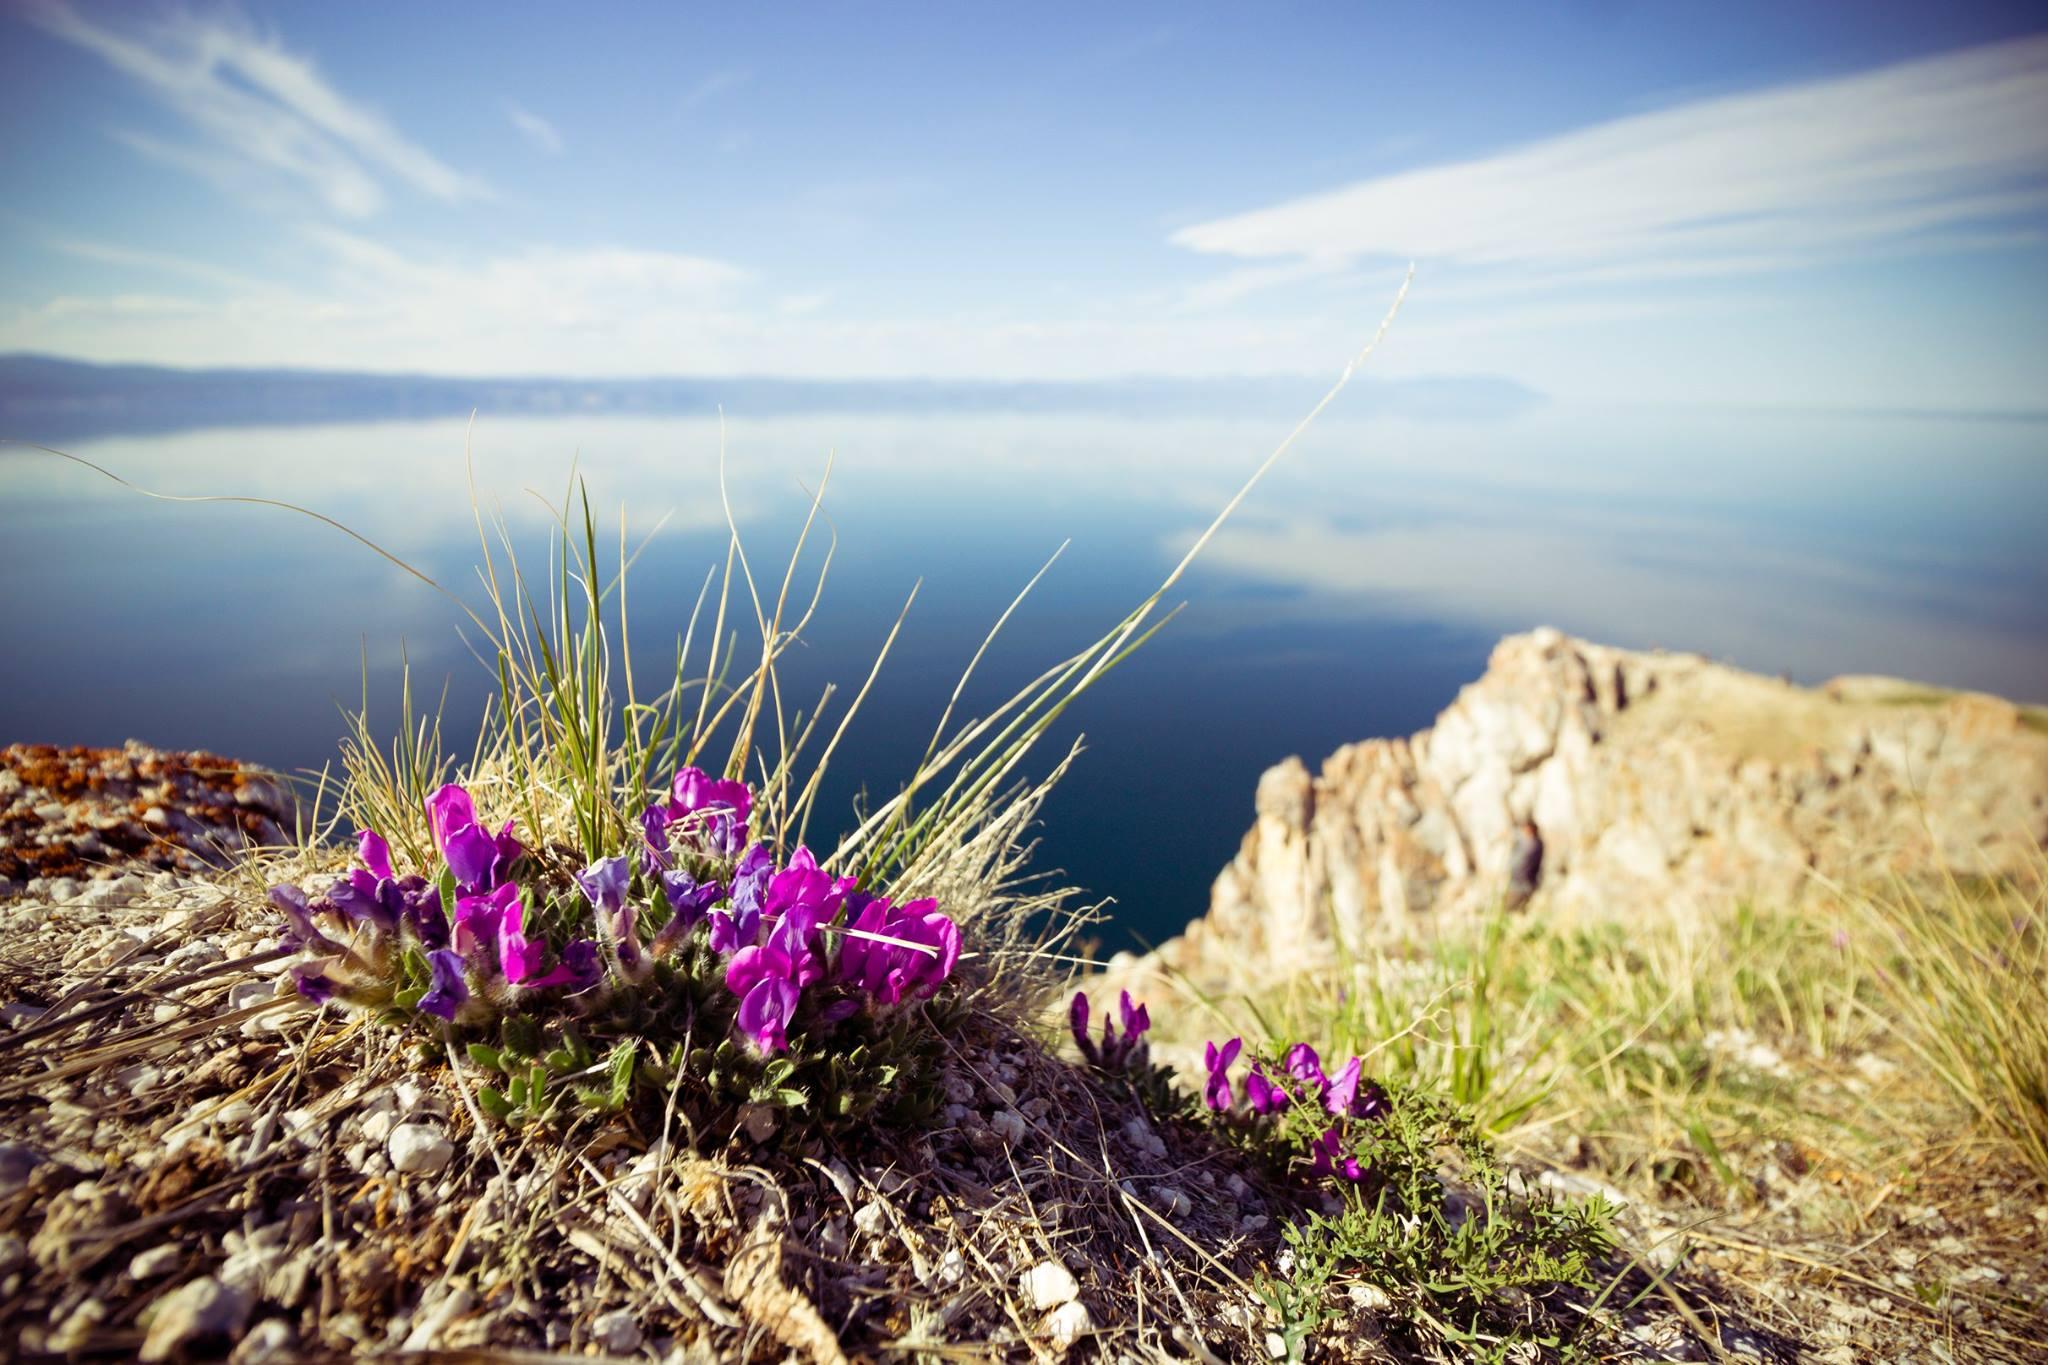 Бајкал е најголемо и најдлабоко слатководно езеро на светот. Се наоѓа во јужниот дел на Сибир и до него лесно се доаѓа од градовите Иркутск и Улан Уде.